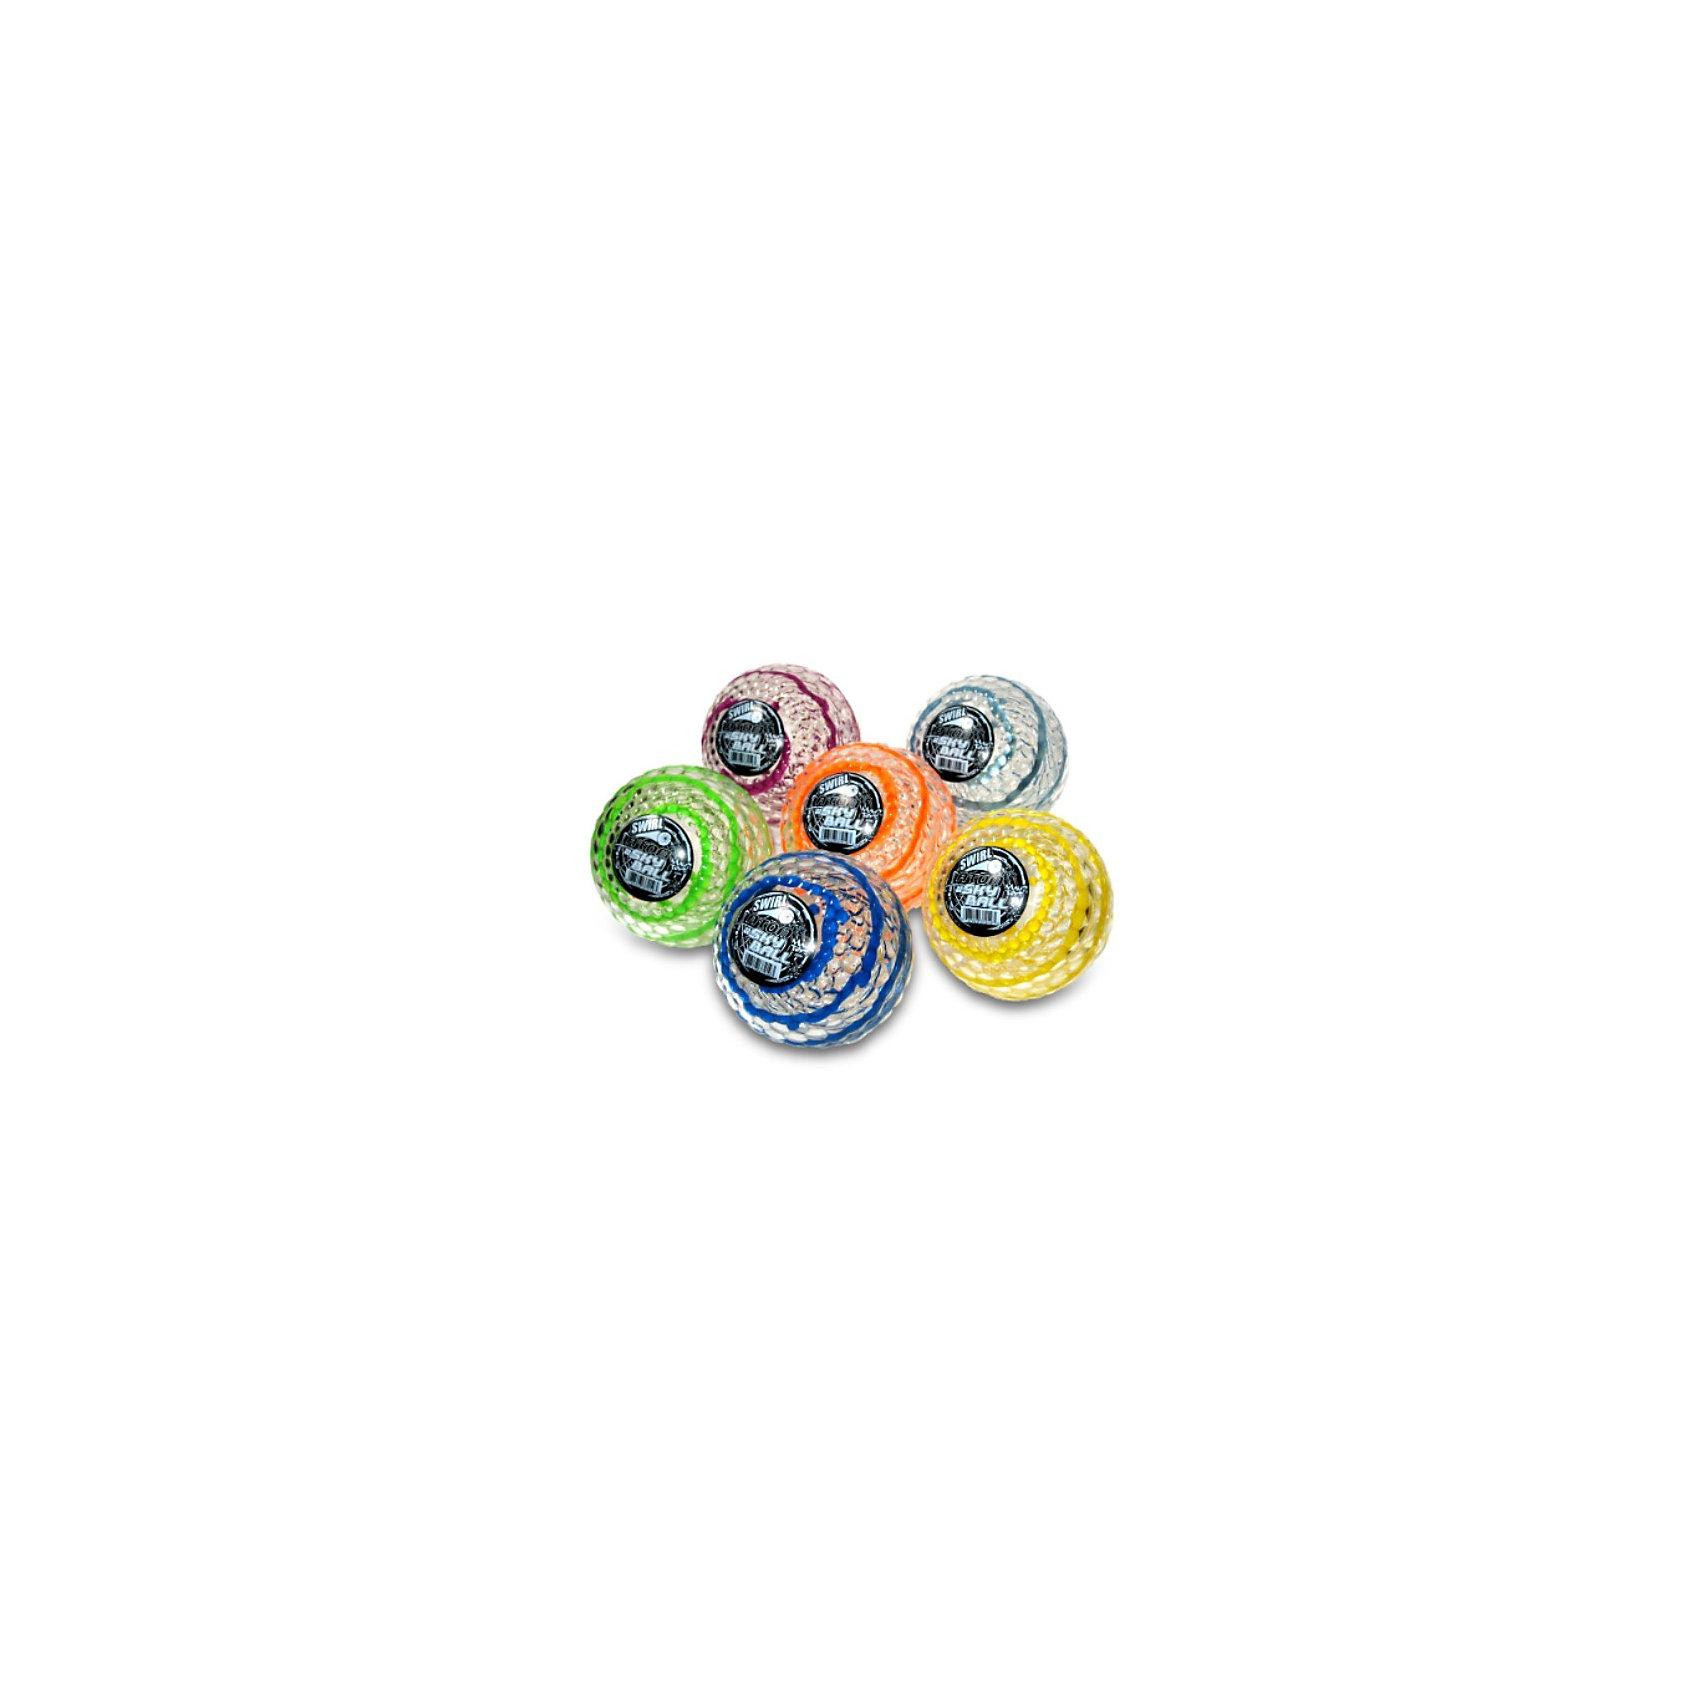 Мячик Swirl Atom,10см, SkyballРазвлекательный рельефный мяч для детей Skyball Graffiti Atom  диаметром 10 см, станет хорошим подарком для  активных детей.  Мяч имеет специальное внутреннее наполнение – гелий, благодаря которому, мячик может подпрыгнуть на высоту до 22 метров. <br><br>Мяч выполнен из высококачественных и прочных материалов, Мяч имеет прозрачную рельефную поверхность с яркими разноцветными линиями, не токсичный, противоаллергенный и безопасный для здоровья Вашего ребенка.<br><br>Дополнительная информация:<br><br>- Диаметр: 10 см<br><br>ВНИМАНИЕ: Данный артикул представлен в разных цветовых вариантах. К сожалению, заранее выбрать определенный вариант невозможно. При заказе нескольких мячей возможно получение одинаковых.<br><br>Рельефный мяч Atom Skyball 10 cm, в ассортименте можно купить в нашем магазине.<br><br>Ширина мм: 100<br>Глубина мм: 100<br>Высота мм: 100<br>Вес г: 20<br>Возраст от месяцев: 72<br>Возраст до месяцев: 168<br>Пол: Унисекс<br>Возраст: Детский<br>SKU: 3219503